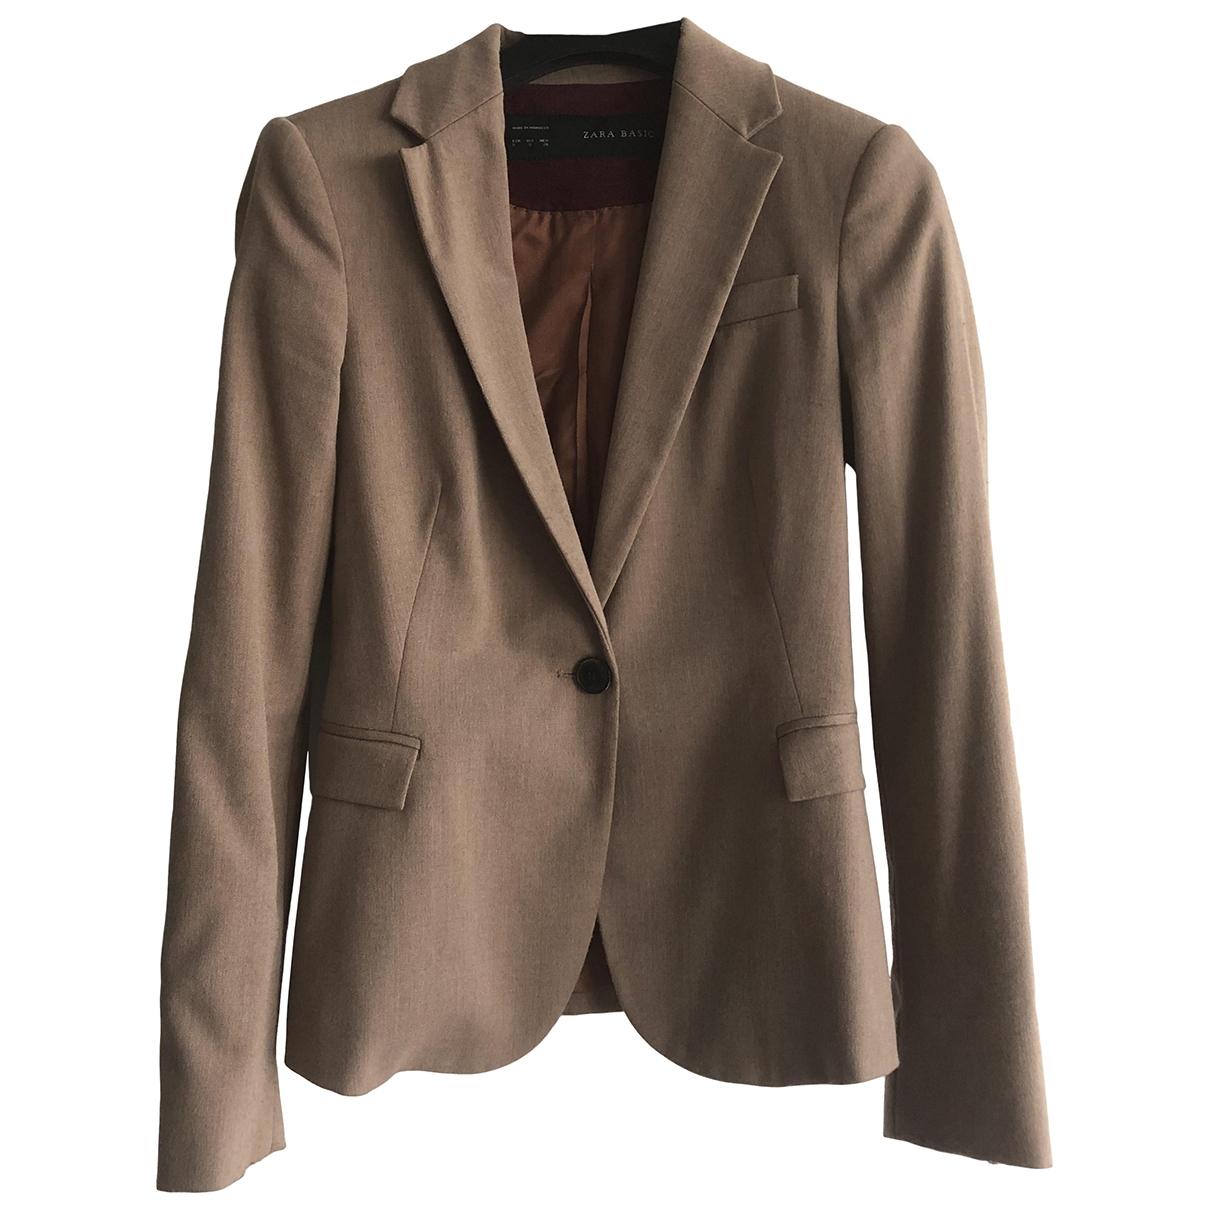 Zara \N Jacke in  Beige Polyester